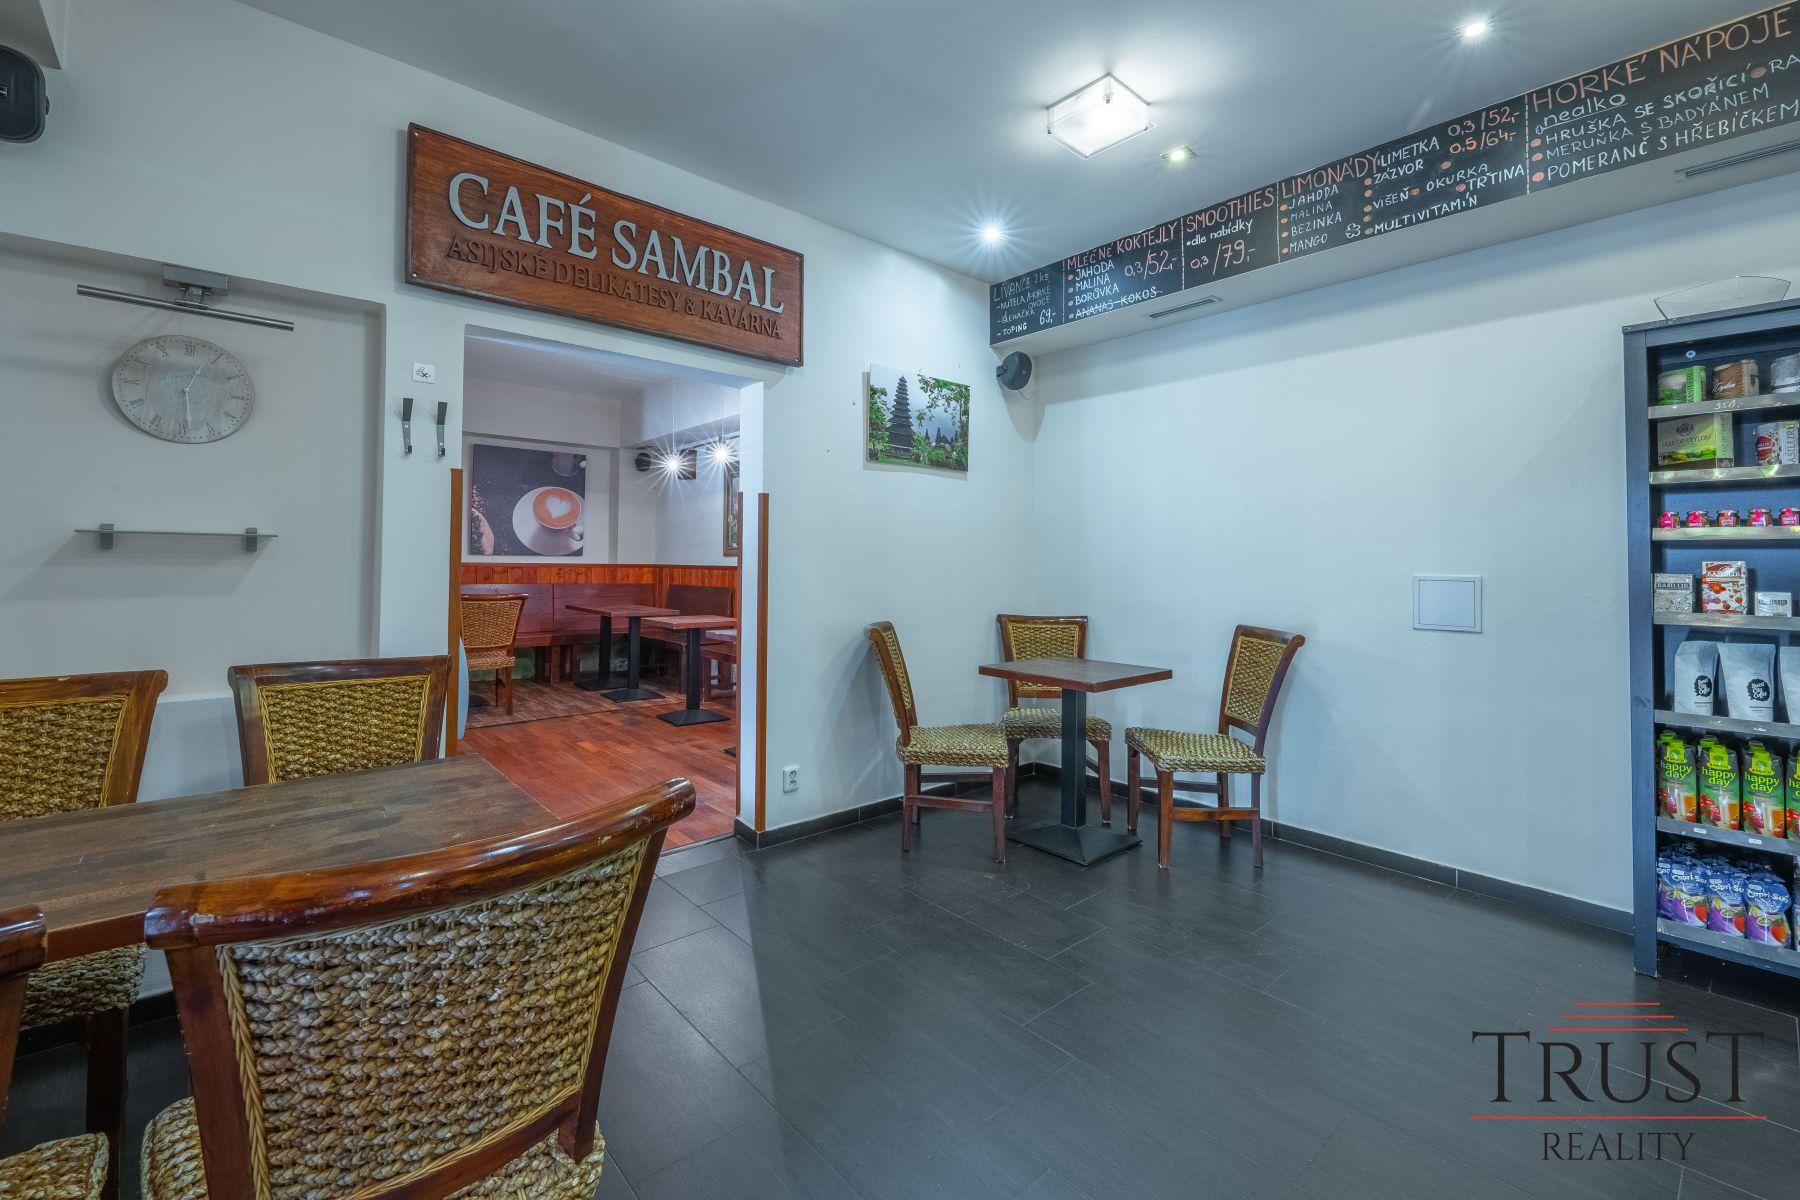 Pronájem kavárny - prodej společnosti